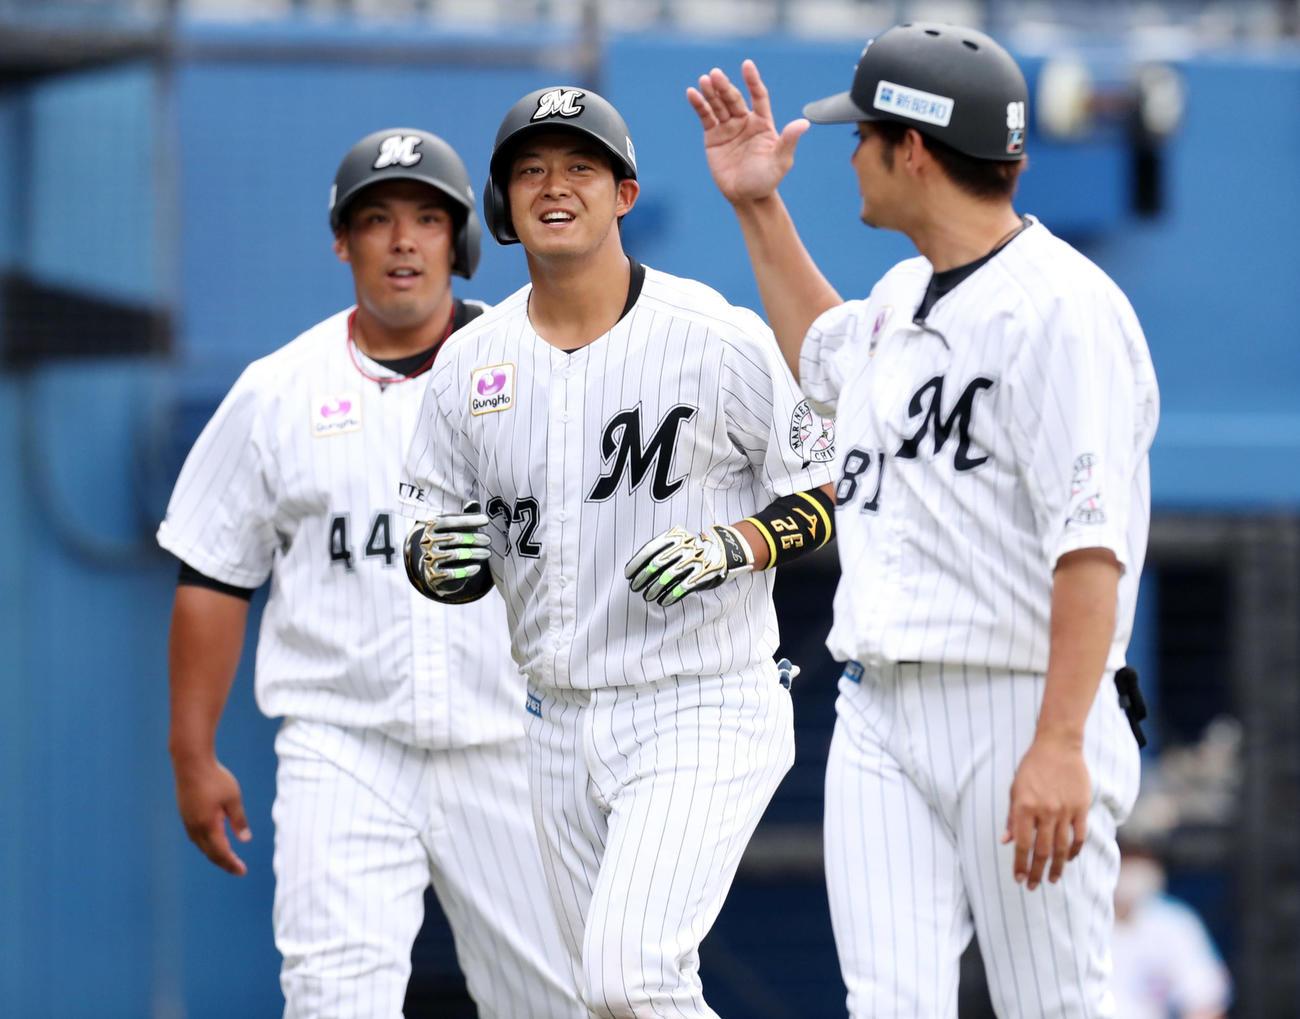 ロッテ対楽天 5回裏ロッテ1死二塁、2試合連続となる先制の2点本塁打を放った佐藤(中央)はエアタッチに笑顔を見せる(撮影・垰建太)